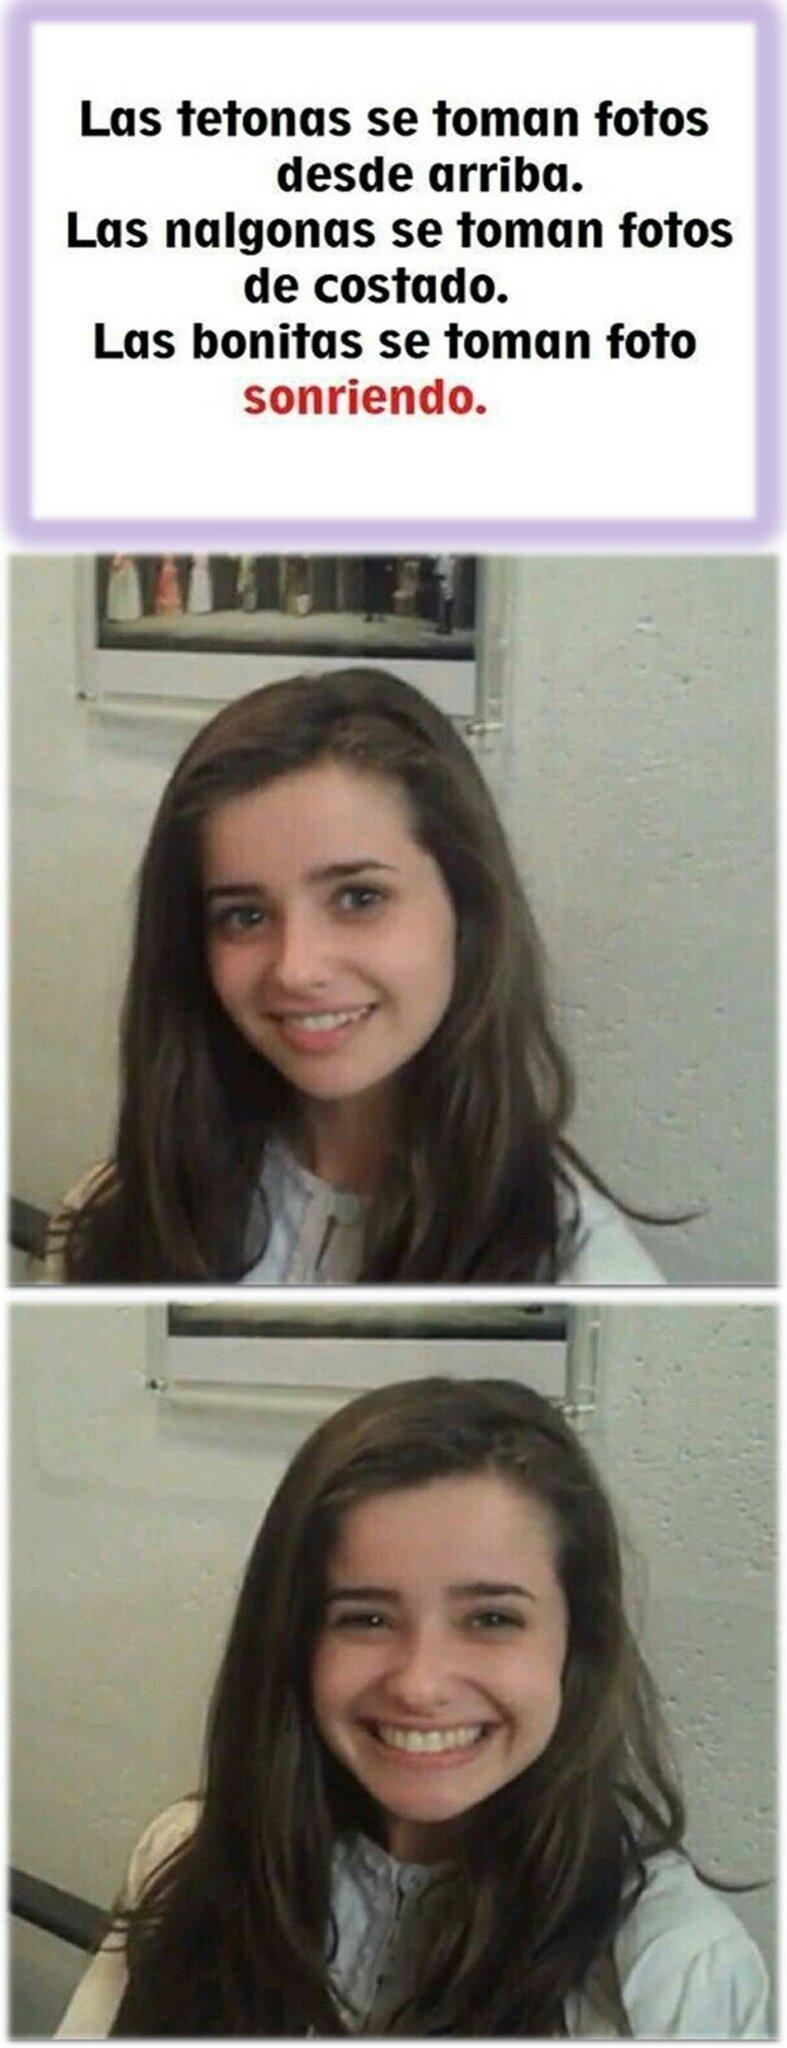 *Solo una sonrisa basta* - meme